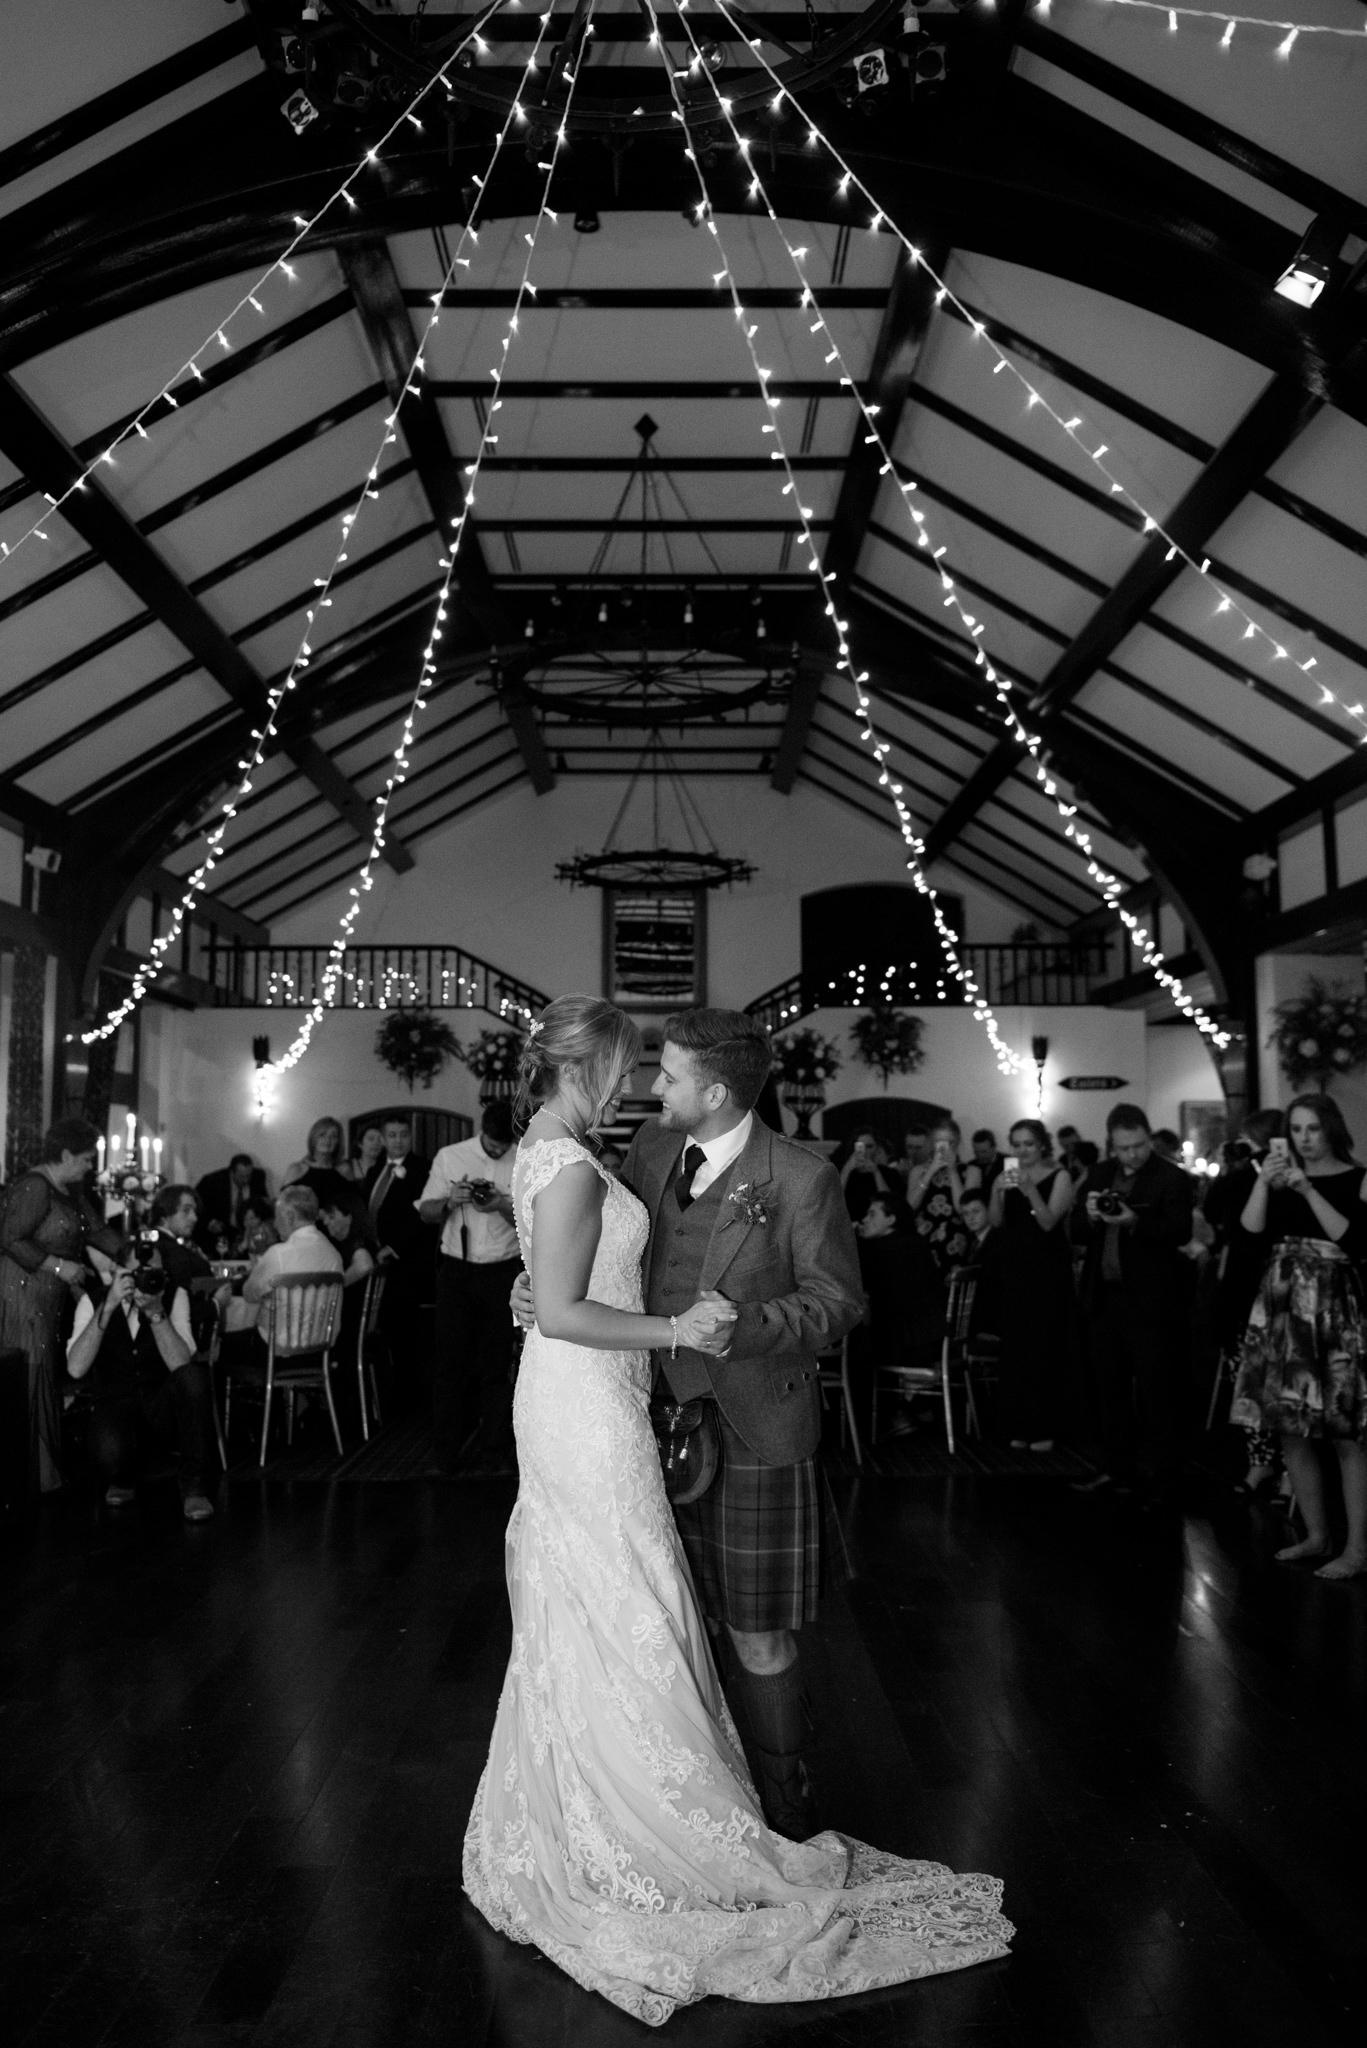 Kelly & Kieran - Brig o'Doon wedding - ©Julie Broadfoot - www.juliebee.co.uk